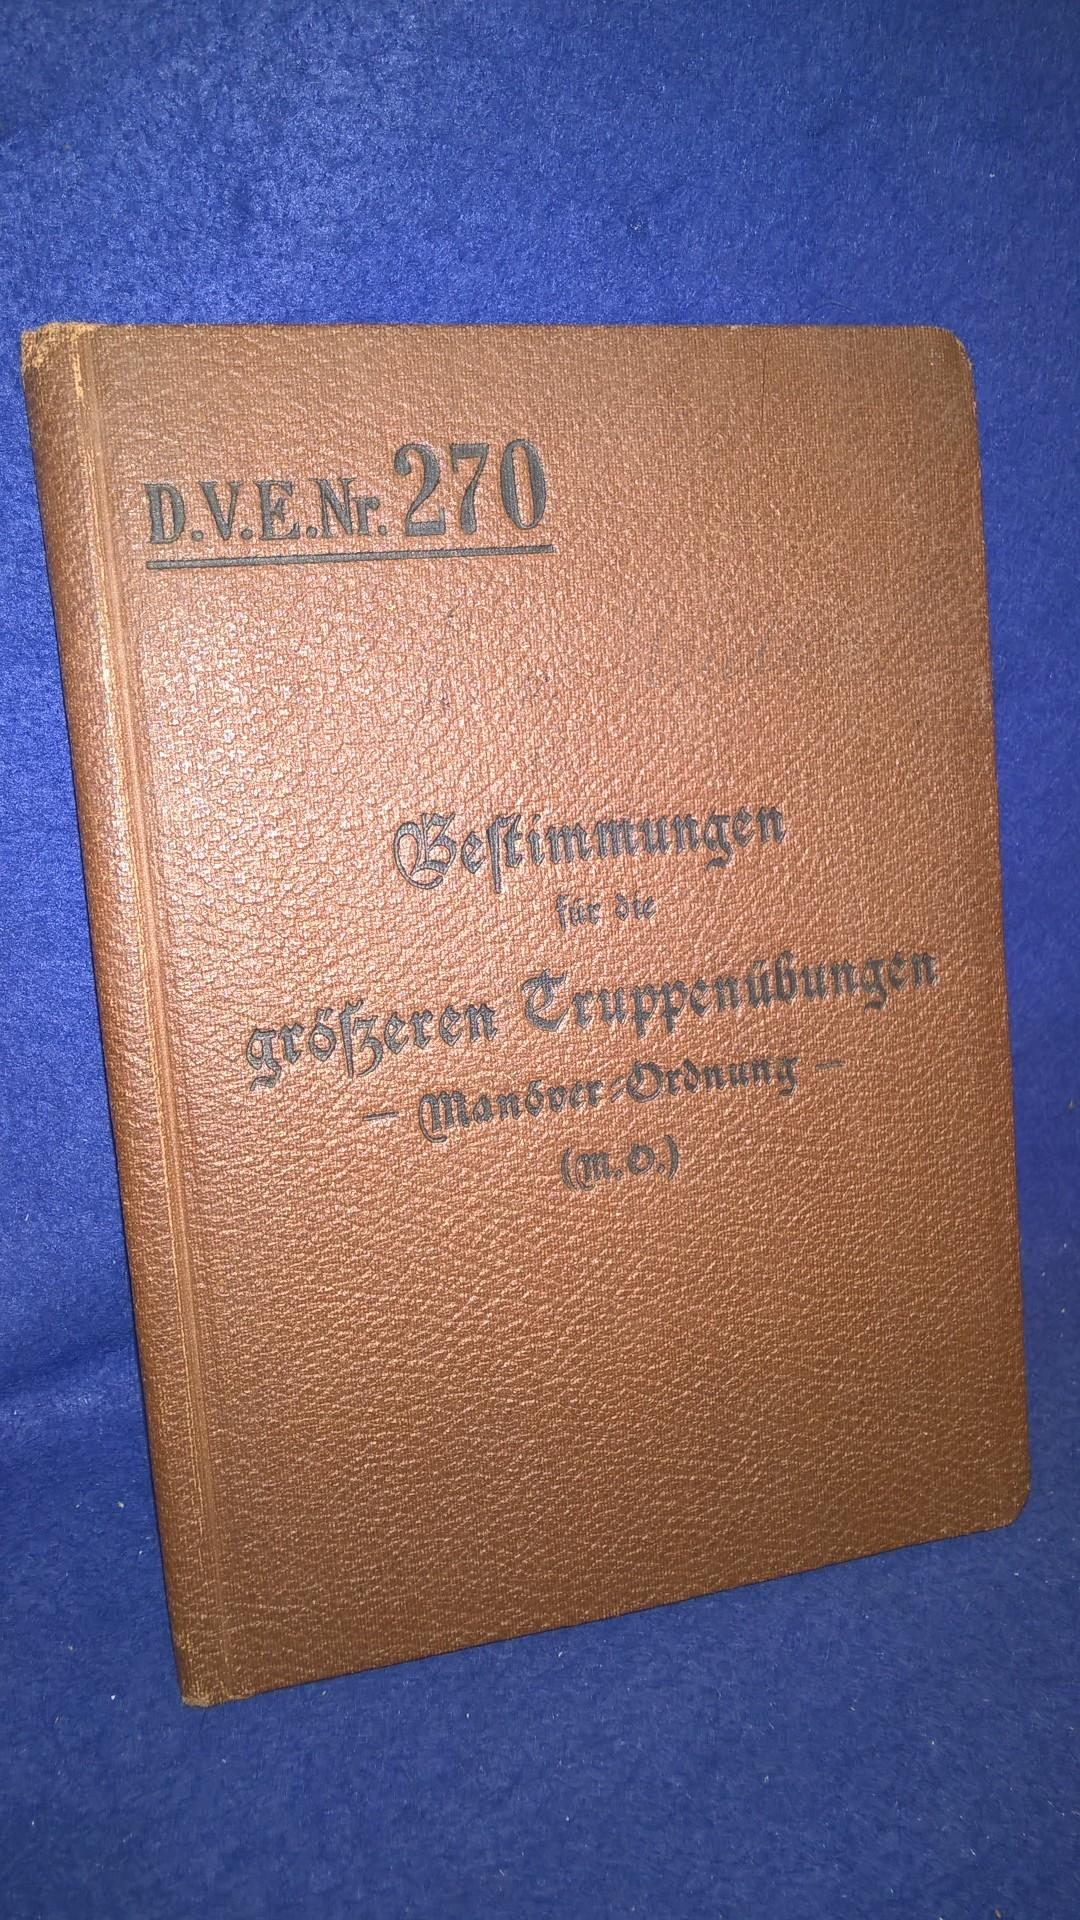 Bestimmungen für die größeren Truppenübungen . Manöver-Ordnung. (Man.O.) D.V.E. Nr. 270.